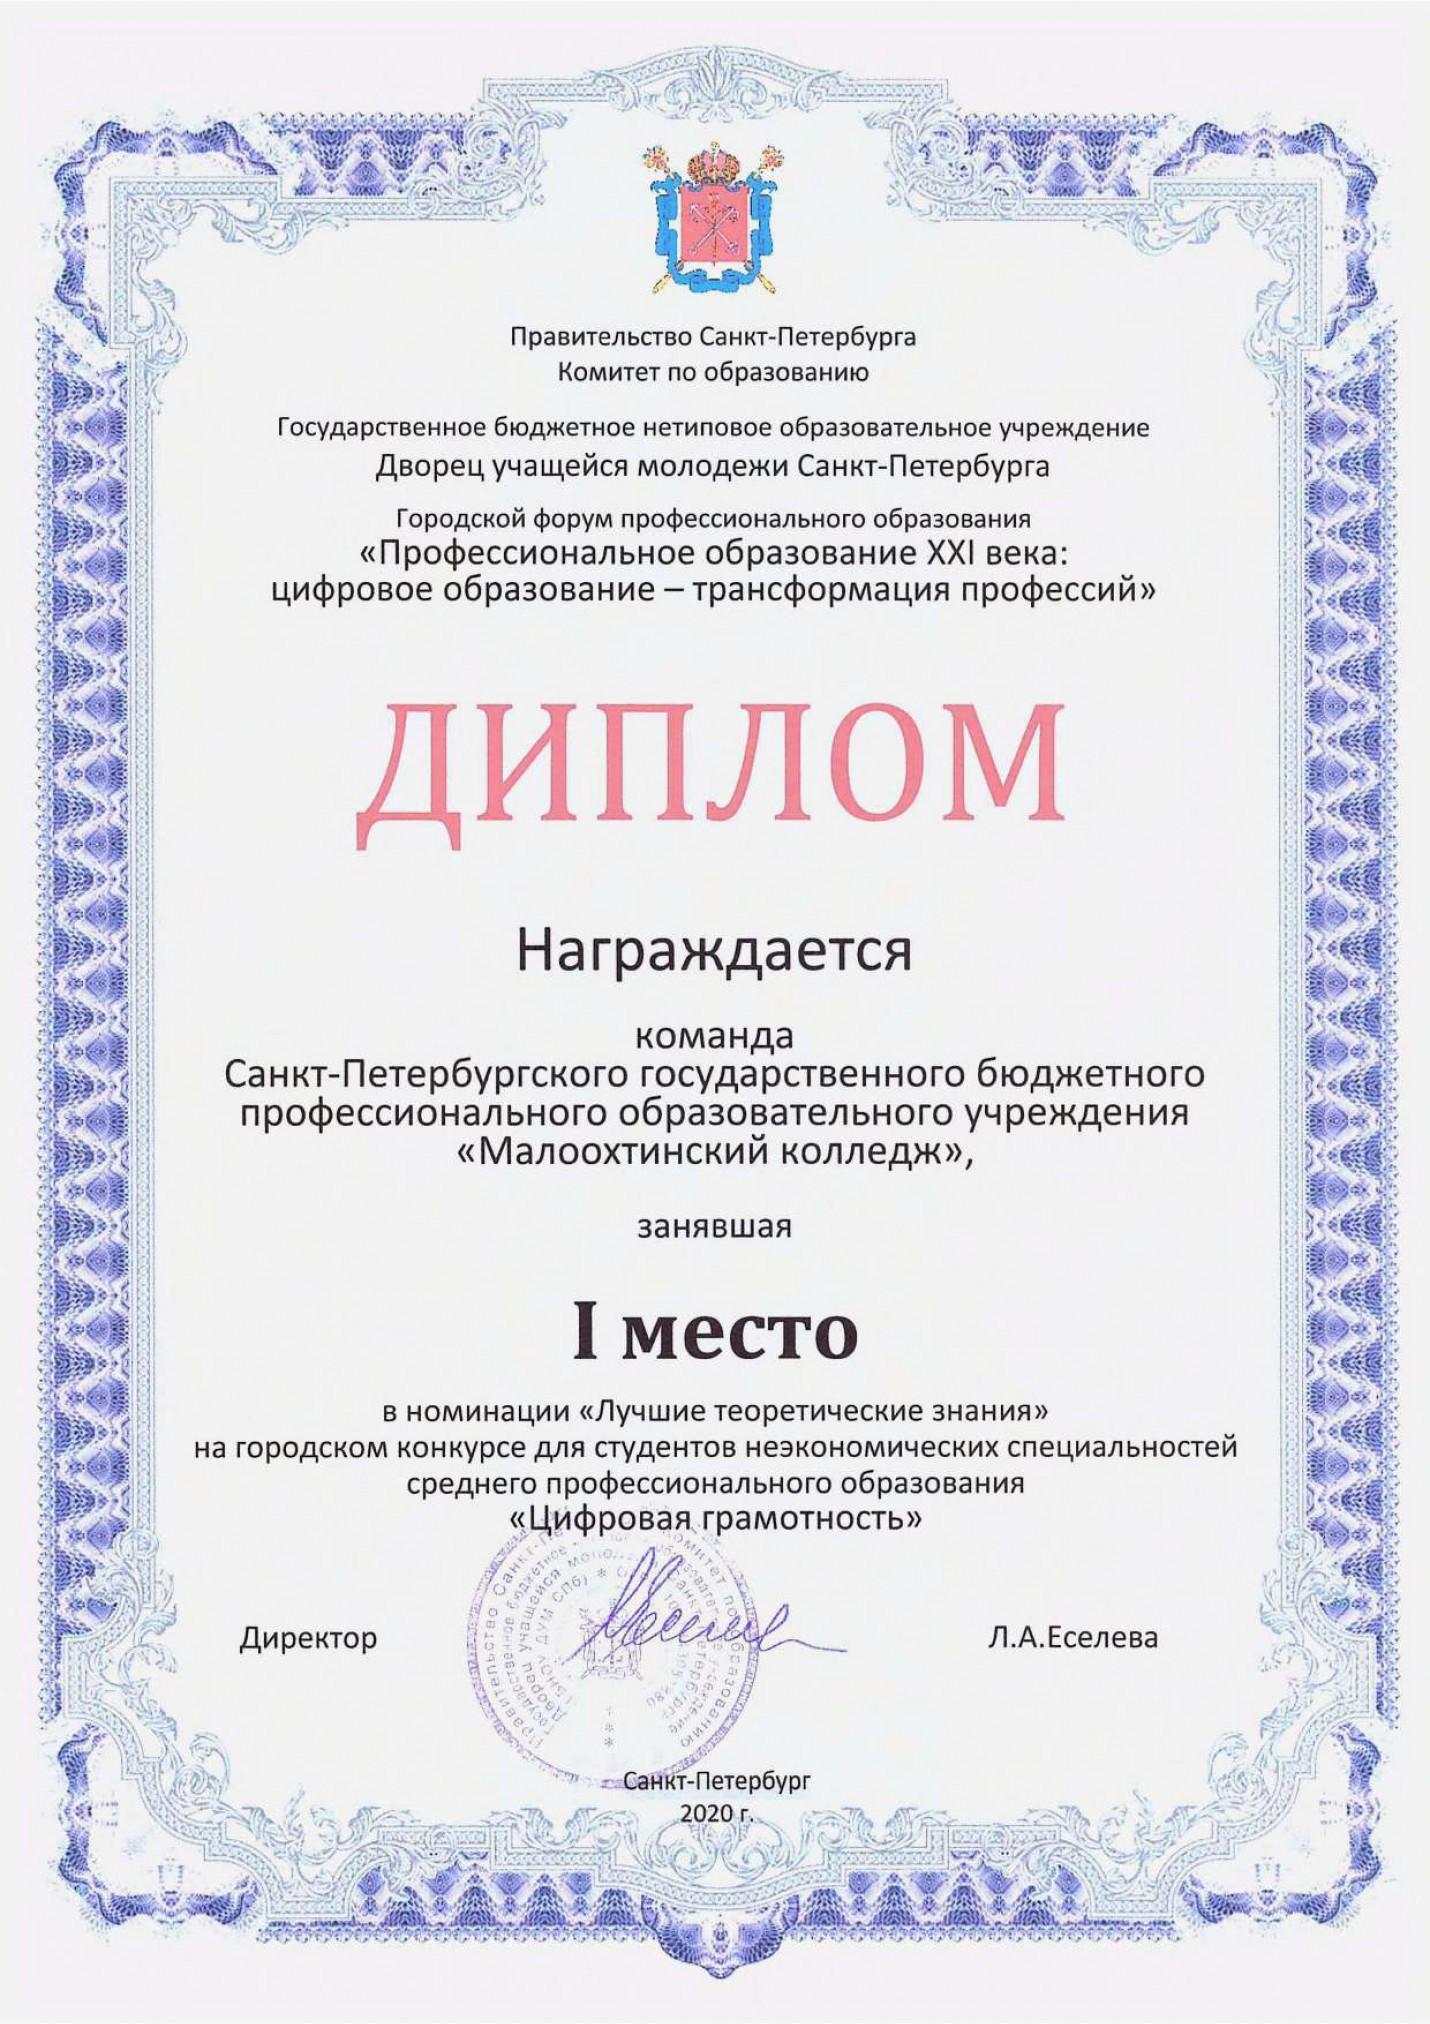 Поздравляем с победой участников конкурса «Цифровая грамотность»